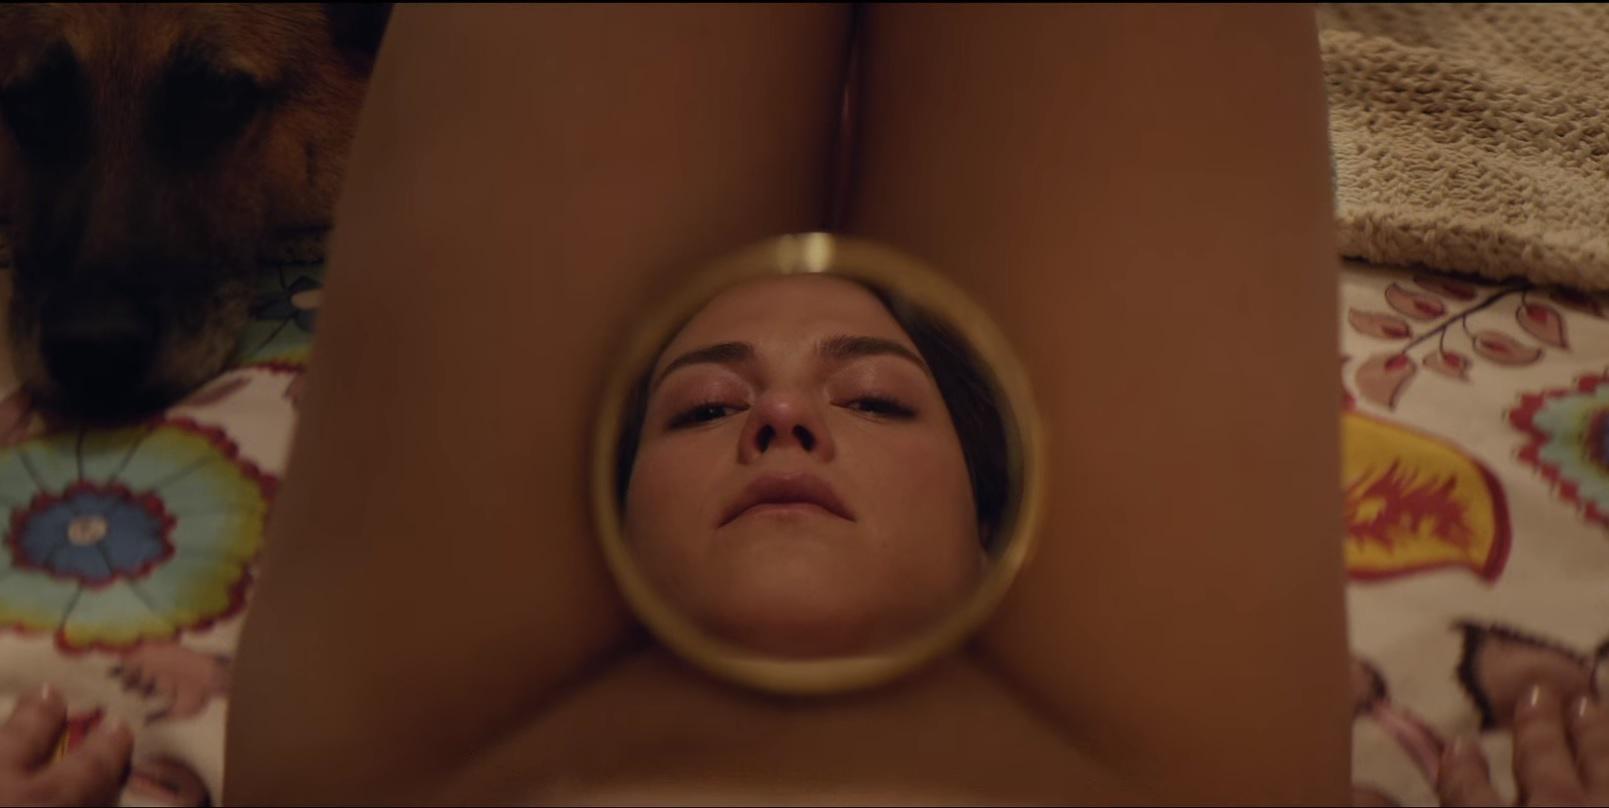 γυναίκα ταινία πορνό εκμεταλλεύονται μαμάδες